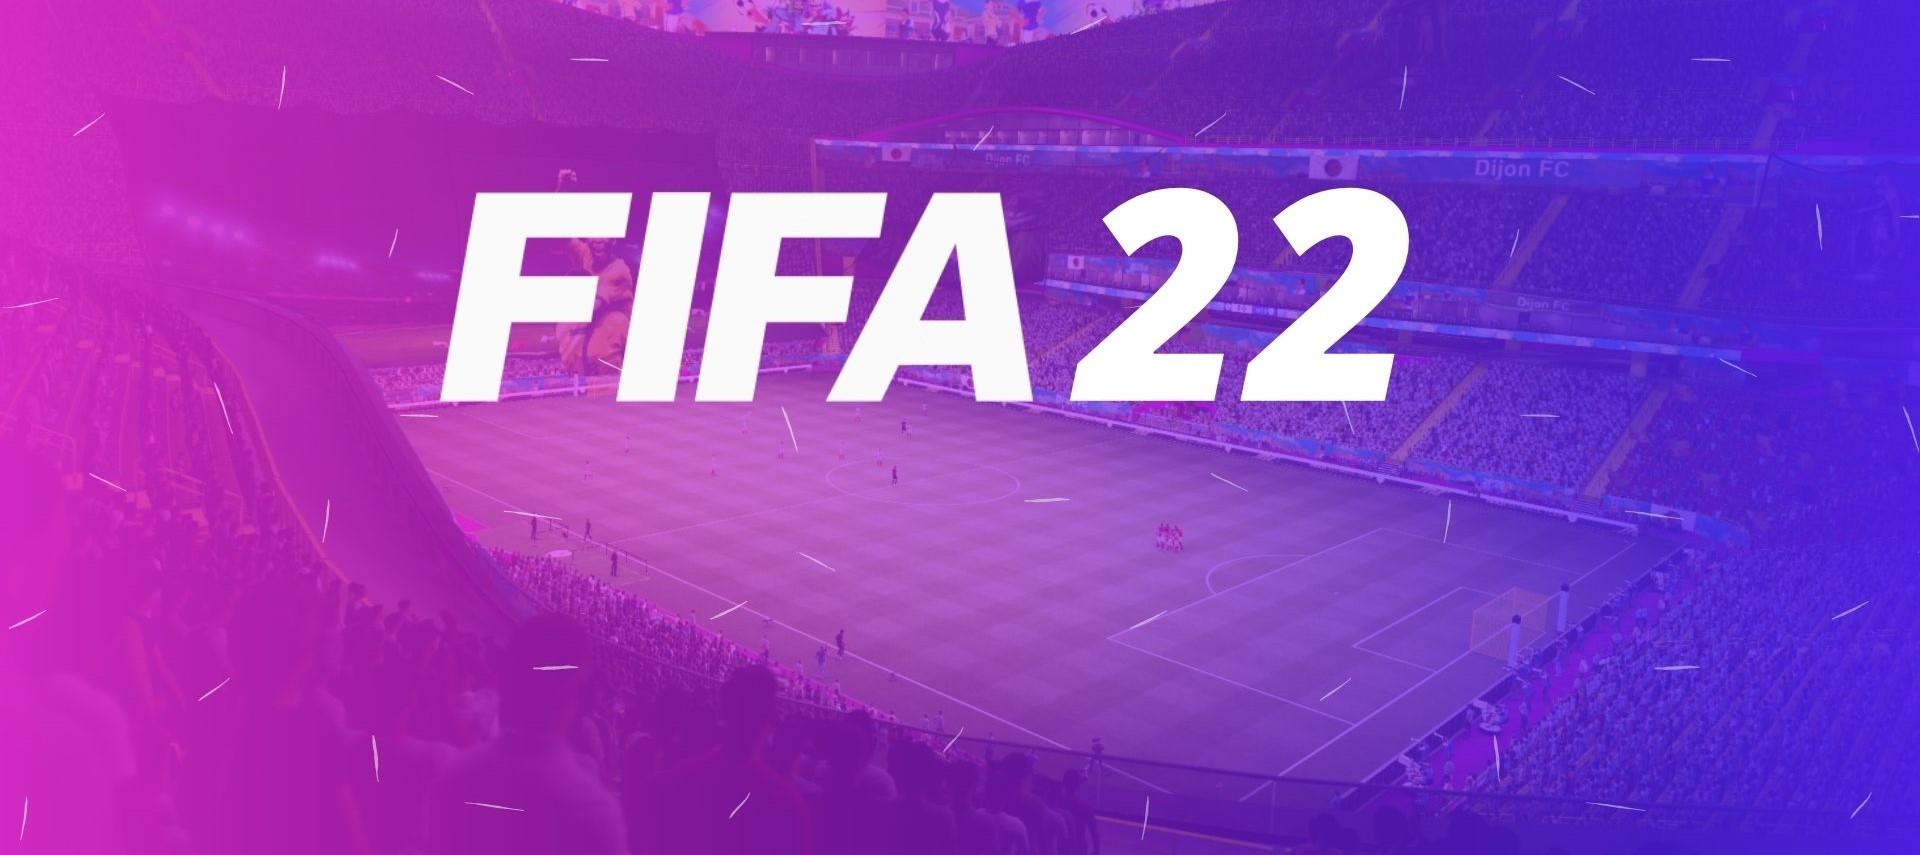 دوري السوبر الأوروبي فيفا UEFA EA FIFA 22